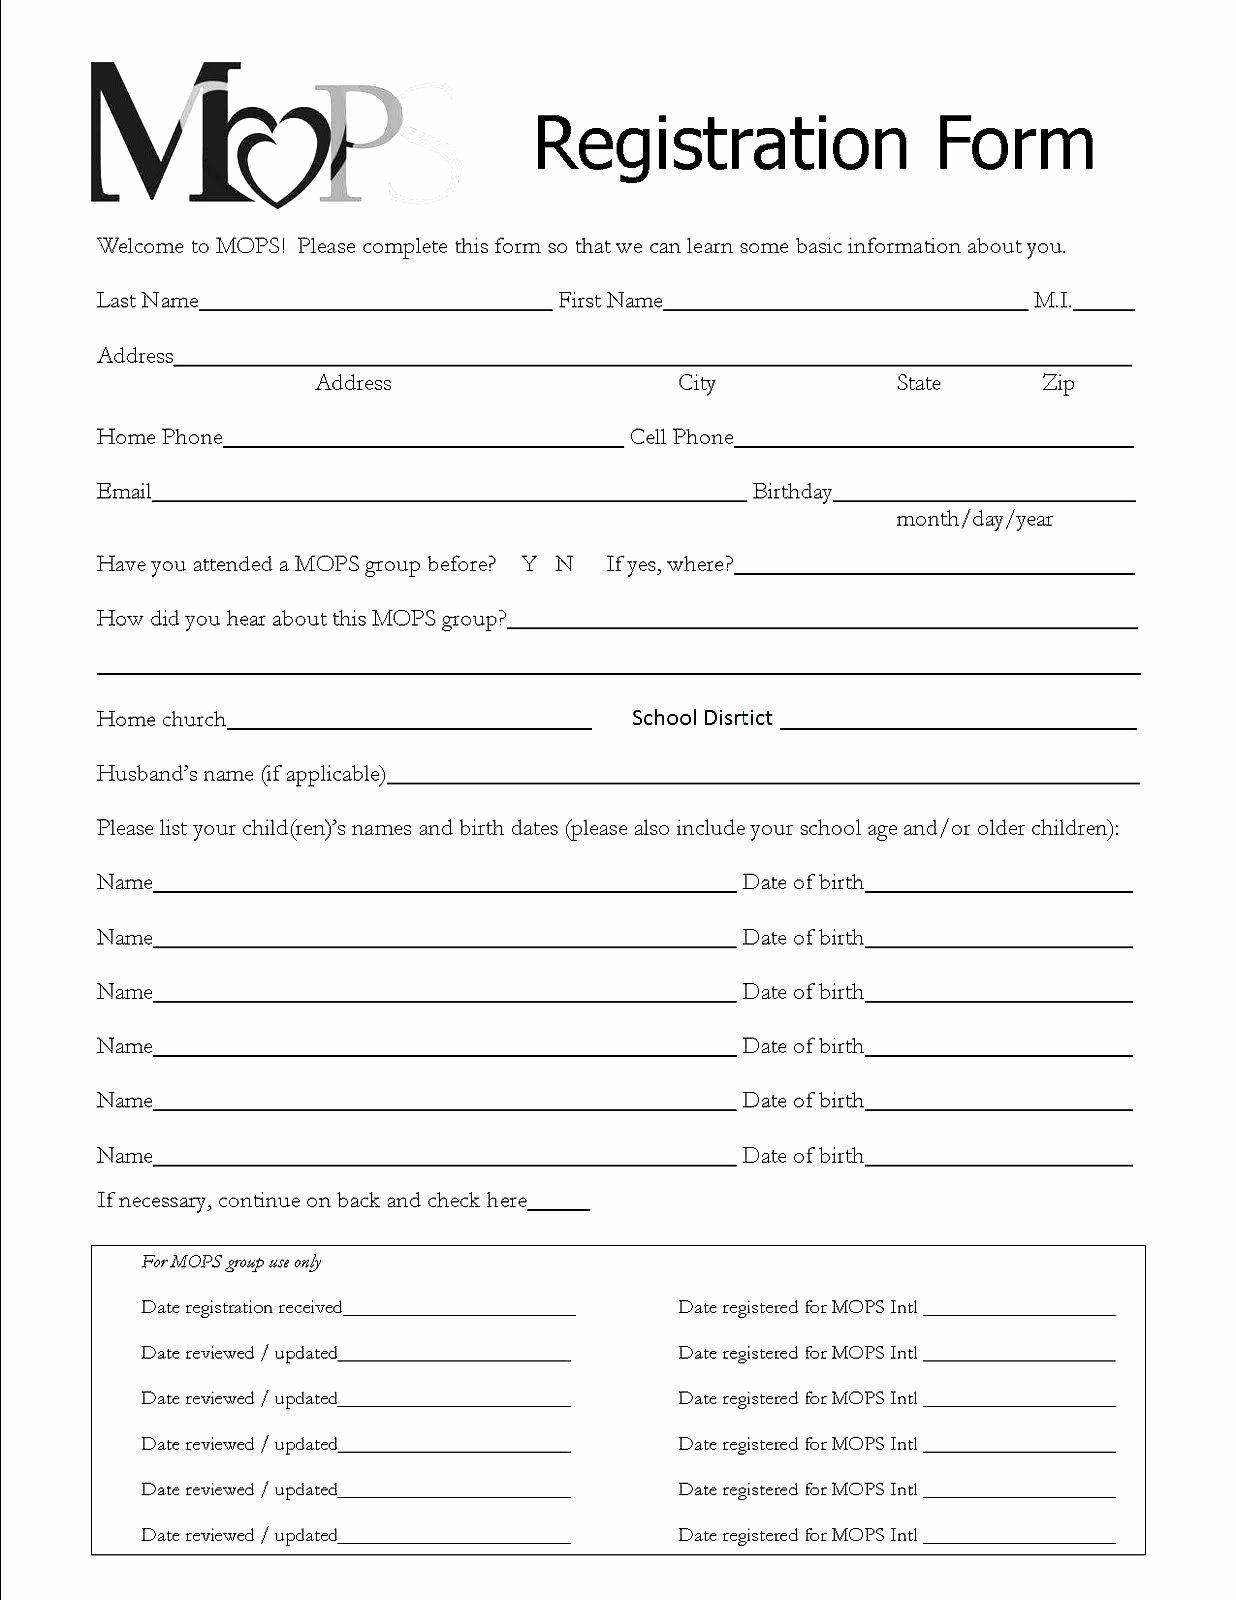 Printable Registration Form Template In 2020 Registration Form